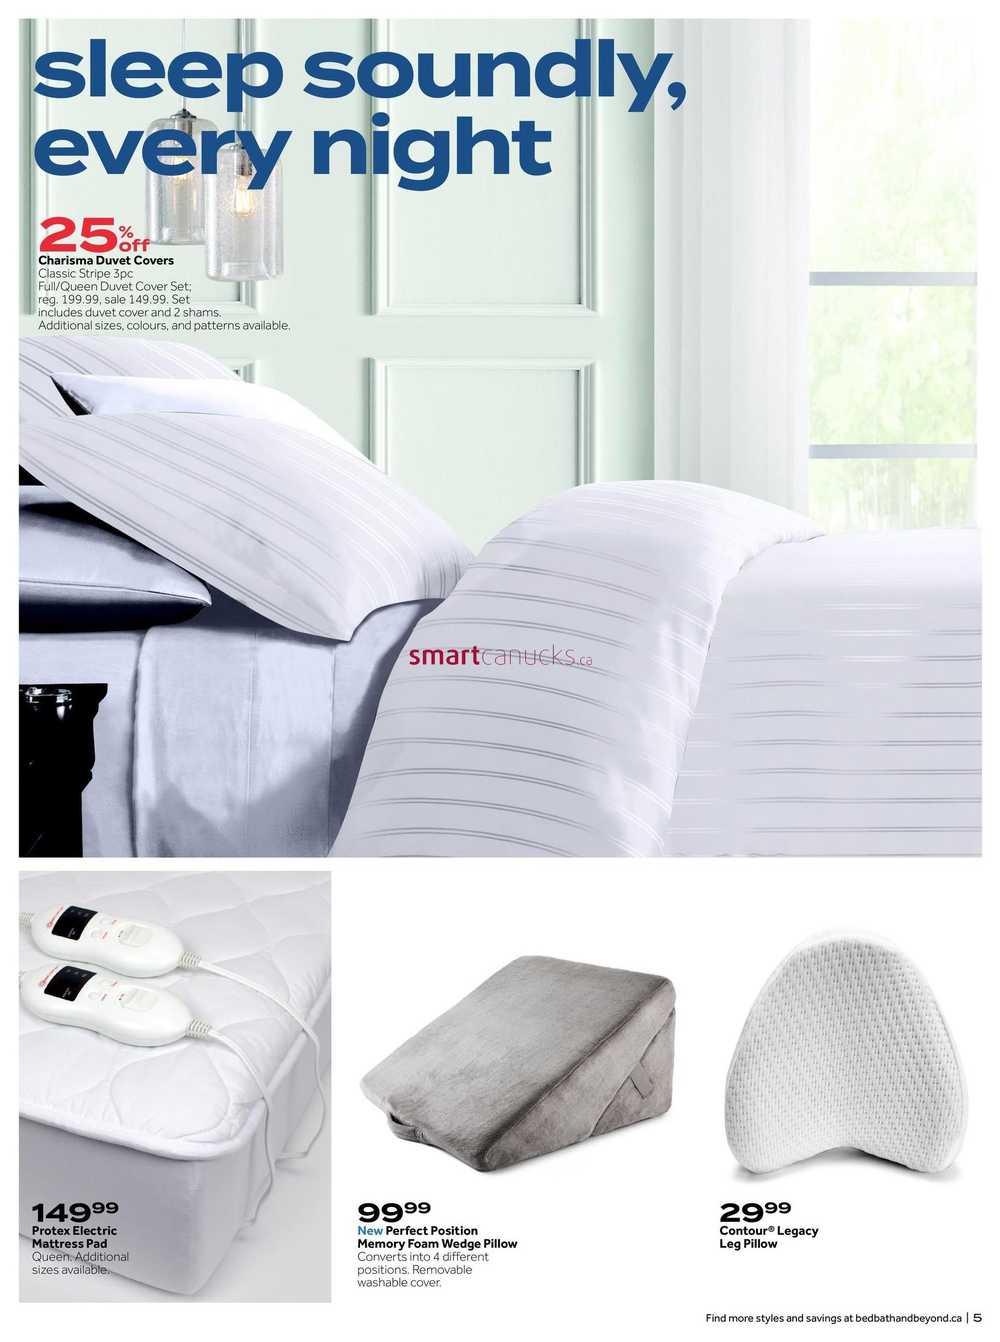 leg pillow bed bath beyond online